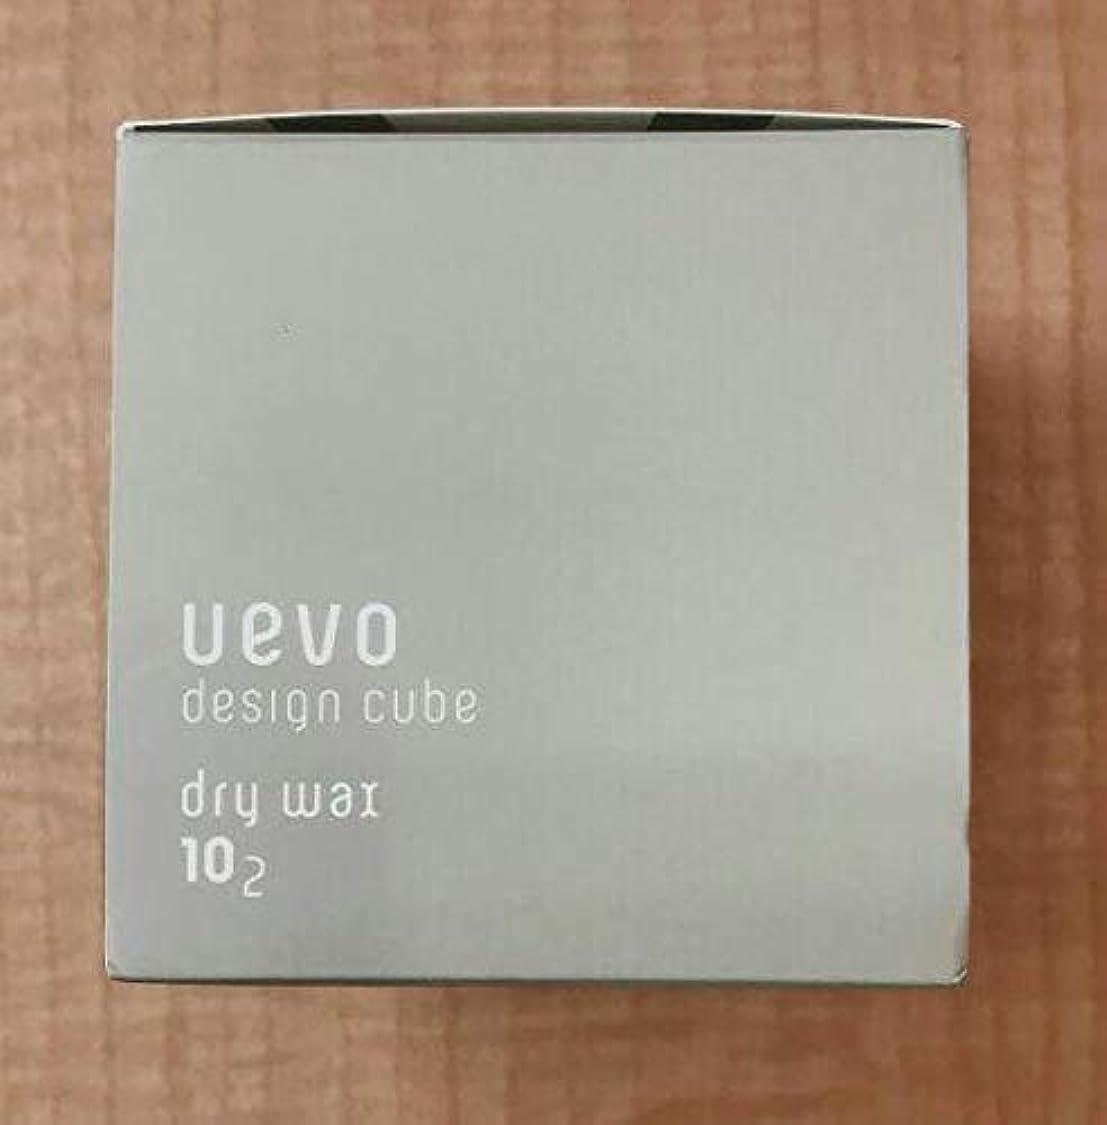 尊敬する蒸し器アルバニー【X2個セット】 デミ ウェーボ デザインキューブ ドライワックス 80g dry wax